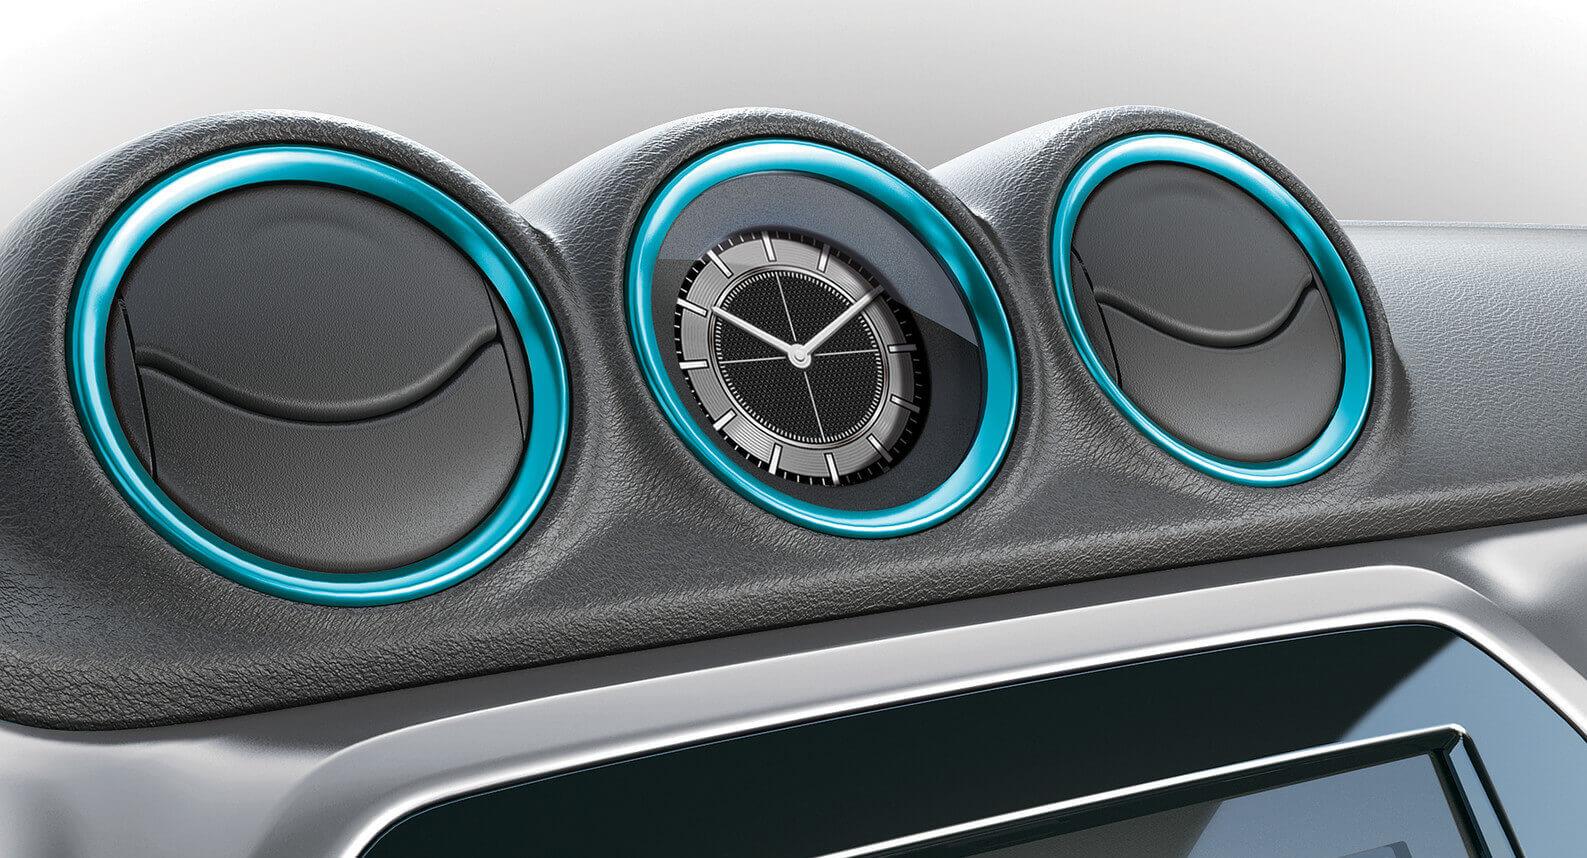 Vitara Air Conditioner Ring Set - Atlantis Turquoise